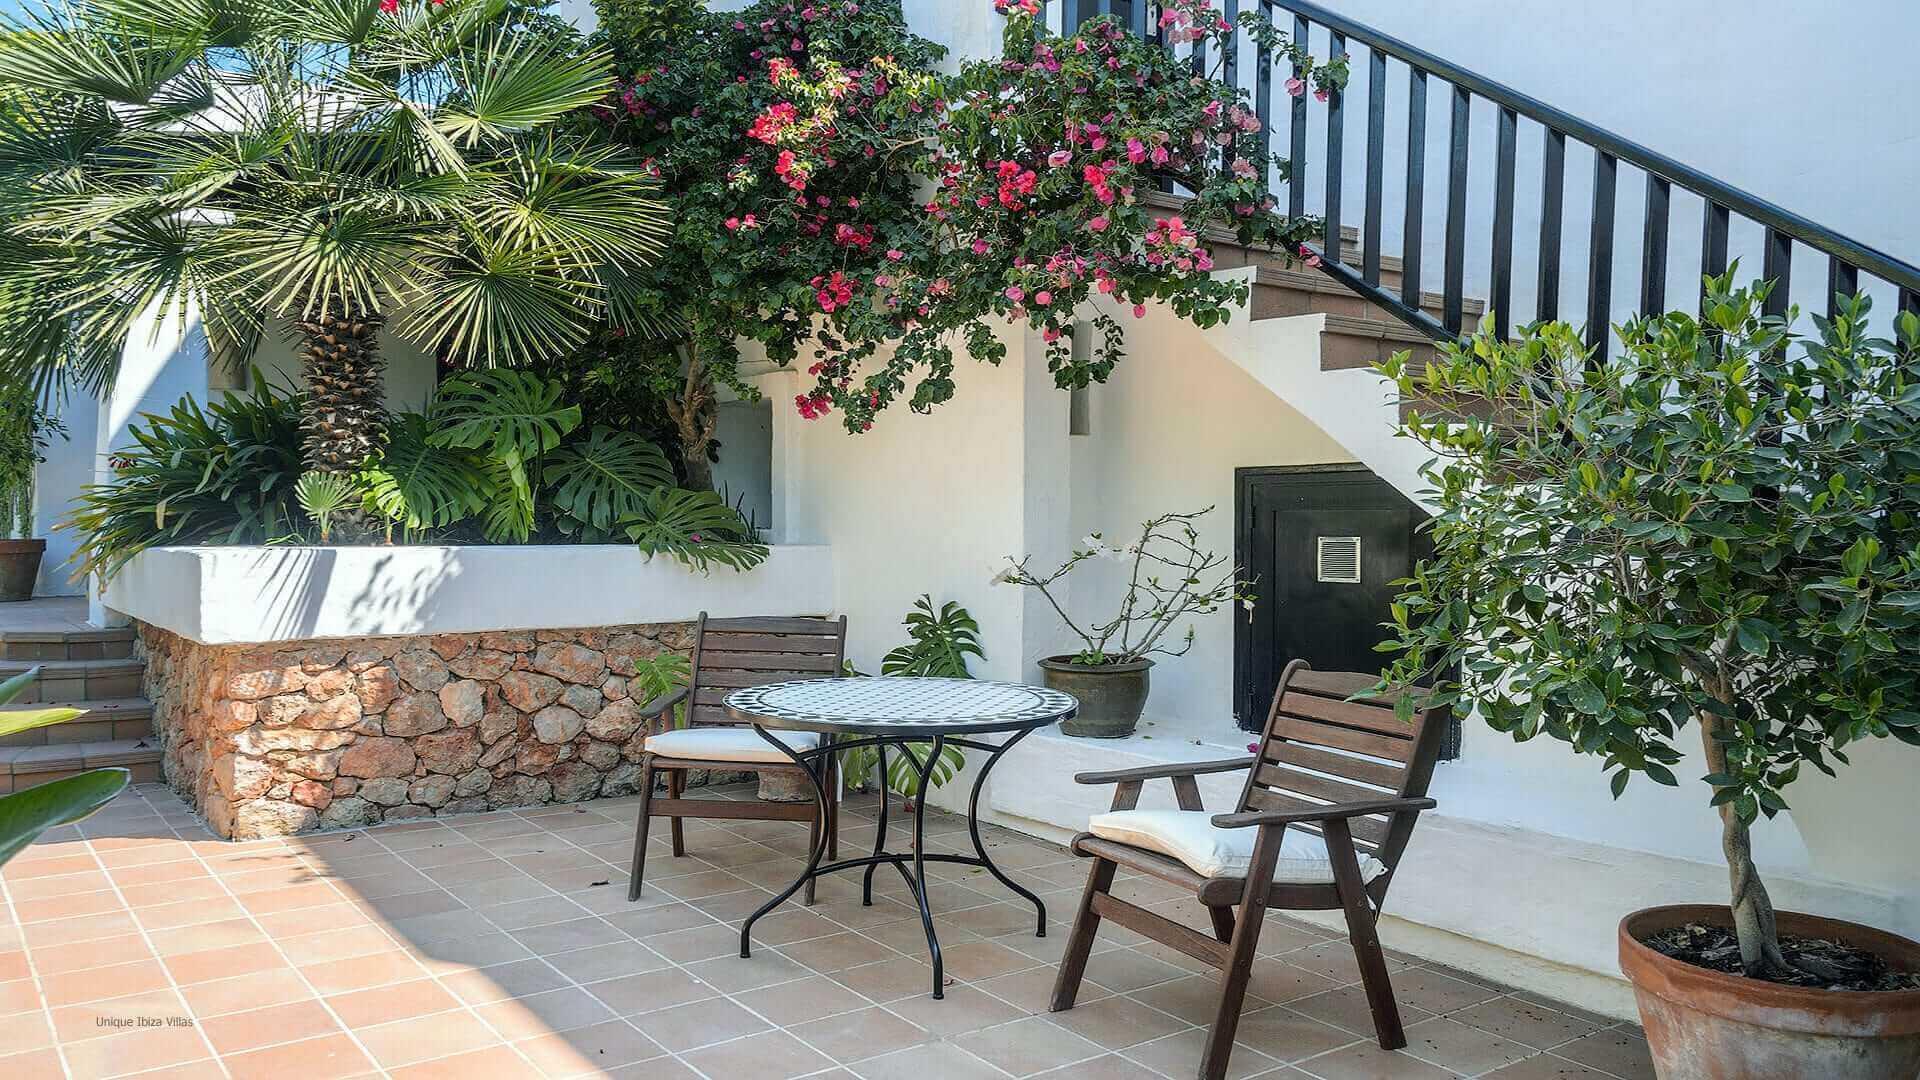 Villa Flor Ibiza 15 Jesus